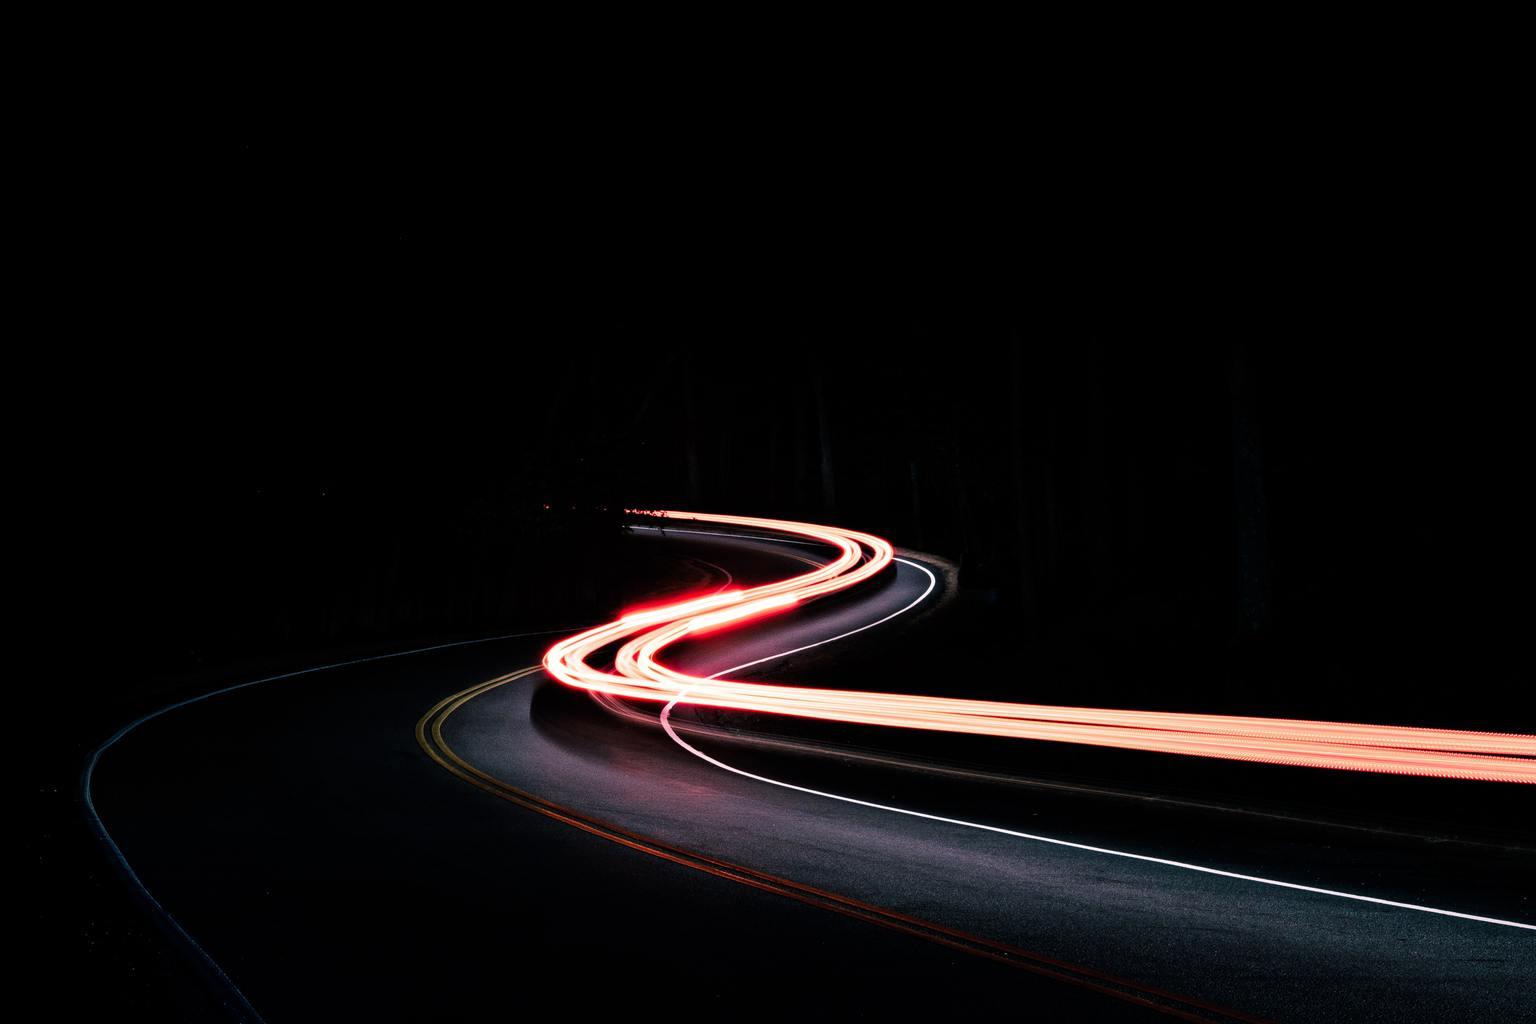 Fotografía abstracta utilizando estelas de automóviles